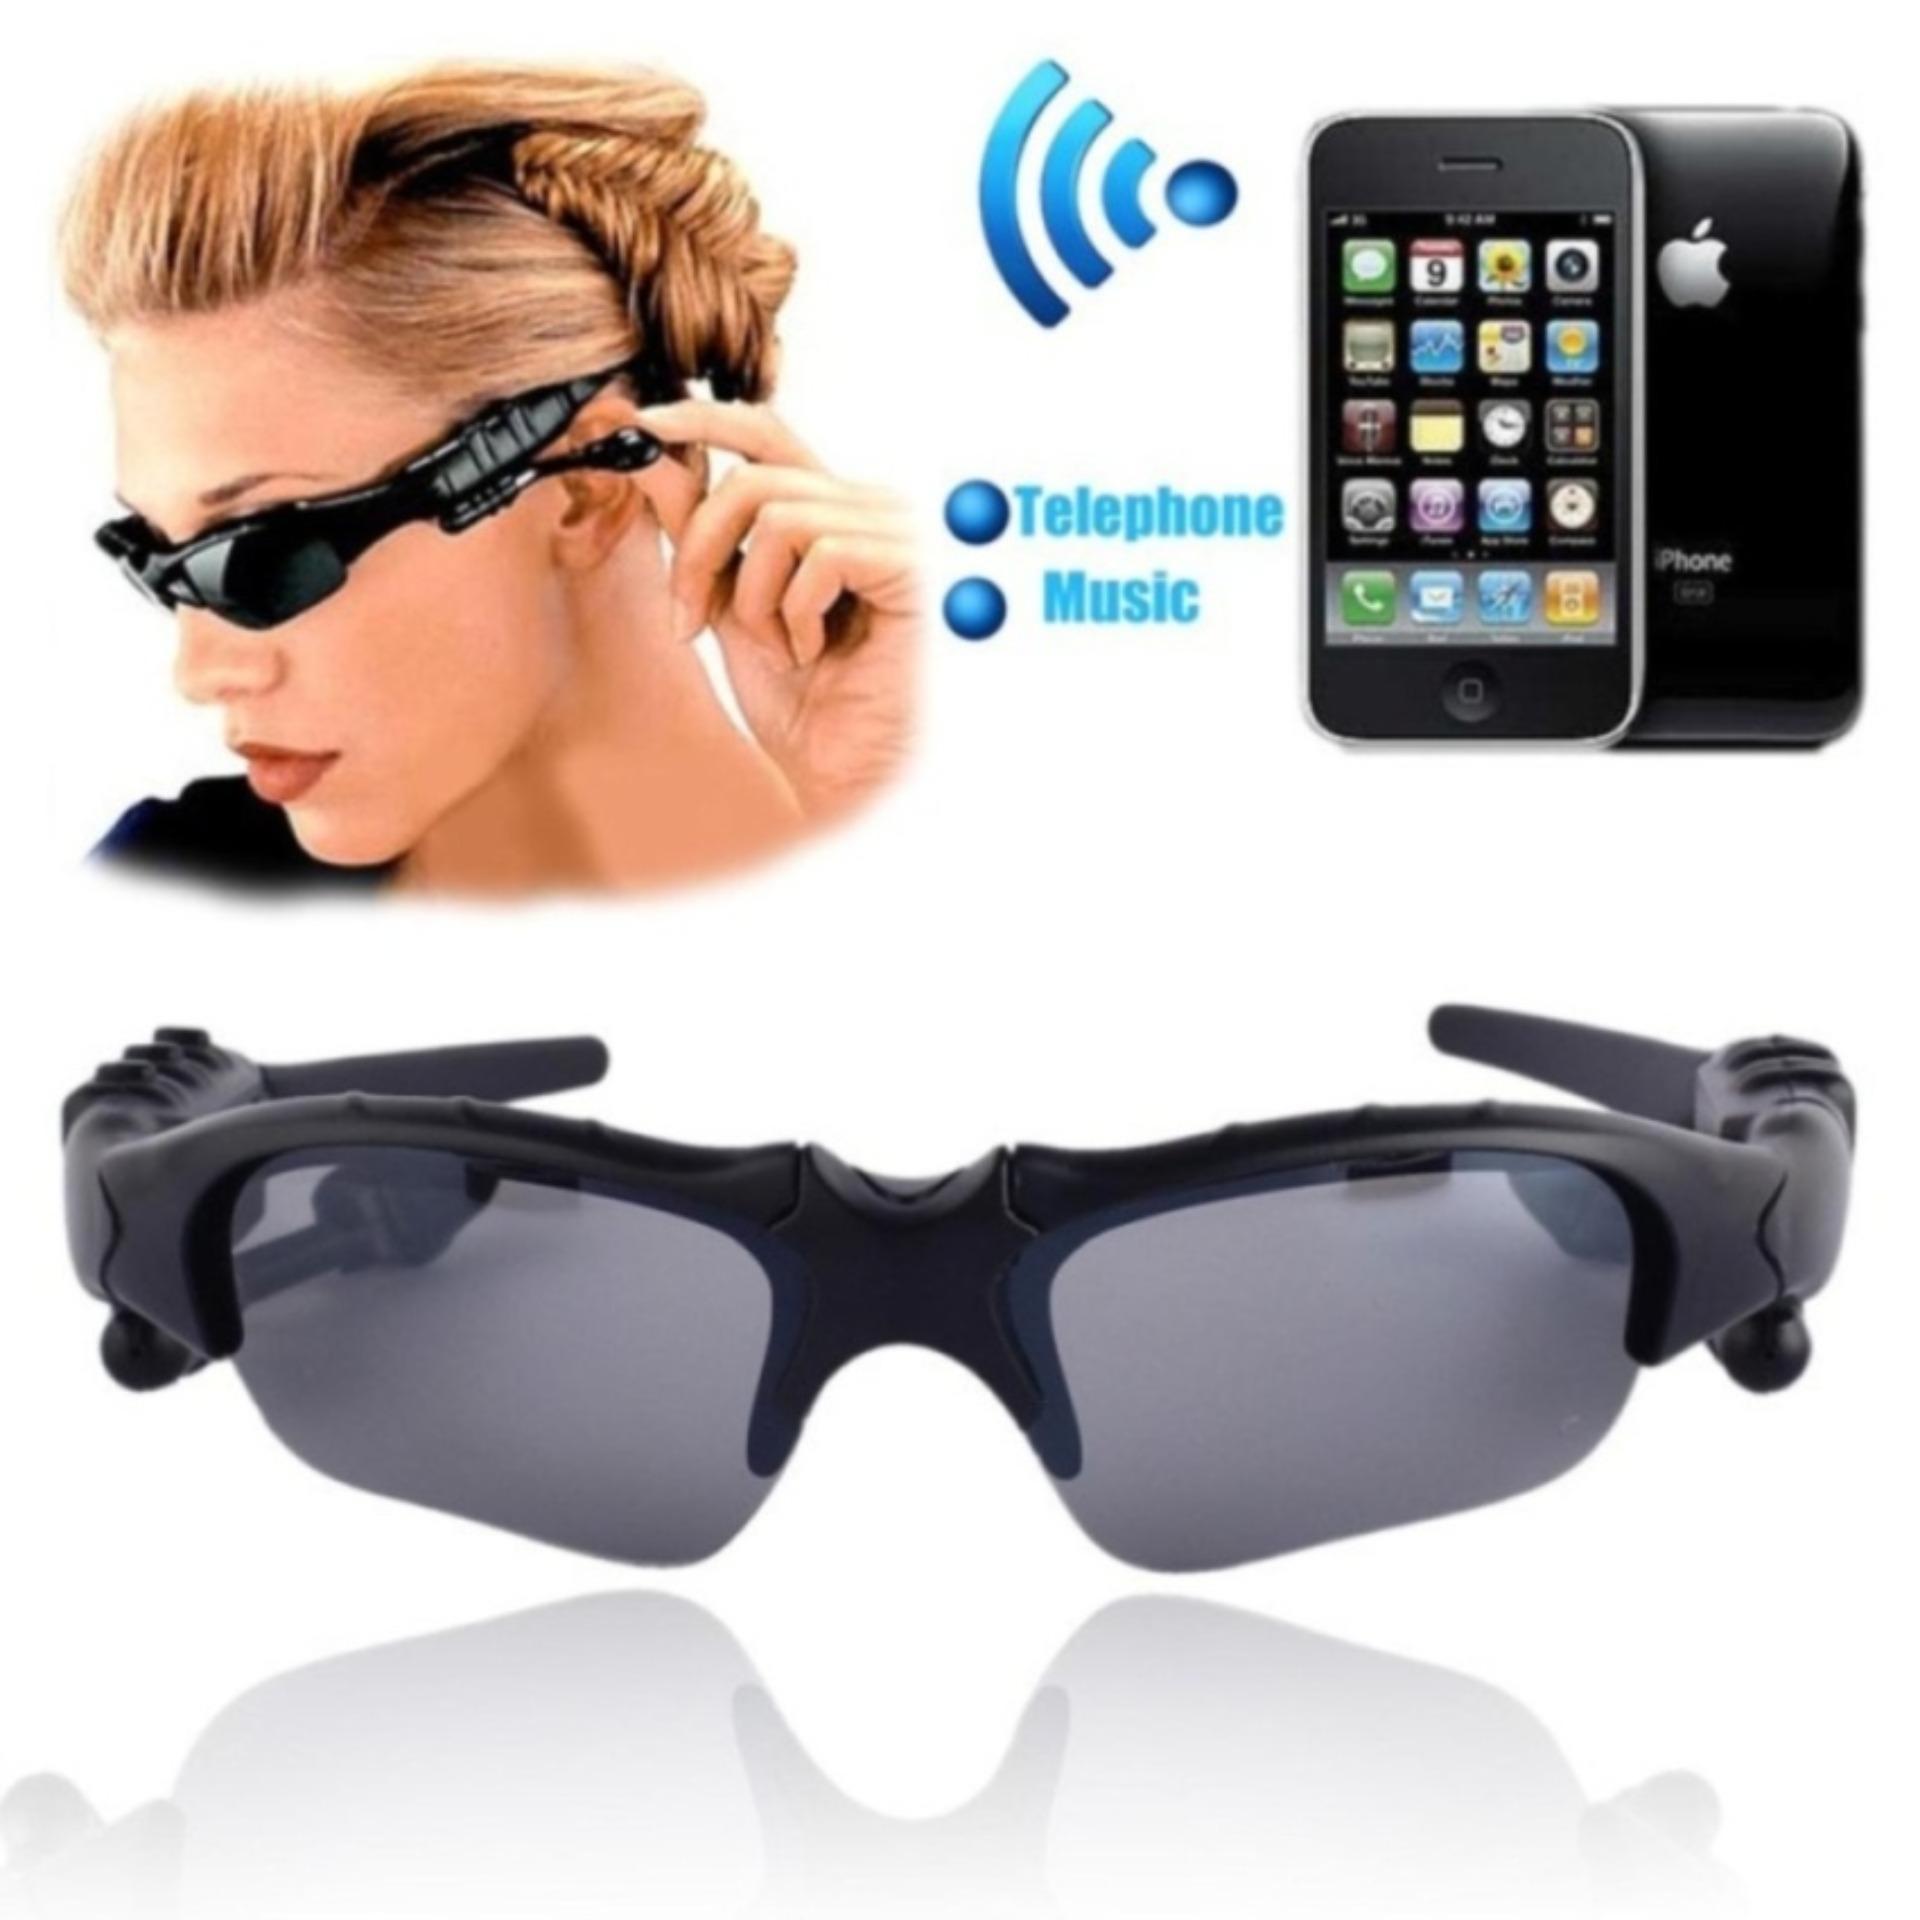 ... Kaca mata Bluetooth Mp3 - Kacamata Sport MP3 untuk pria dan wanitatren terbaru  dan terlaris saat ... 916944a0c7